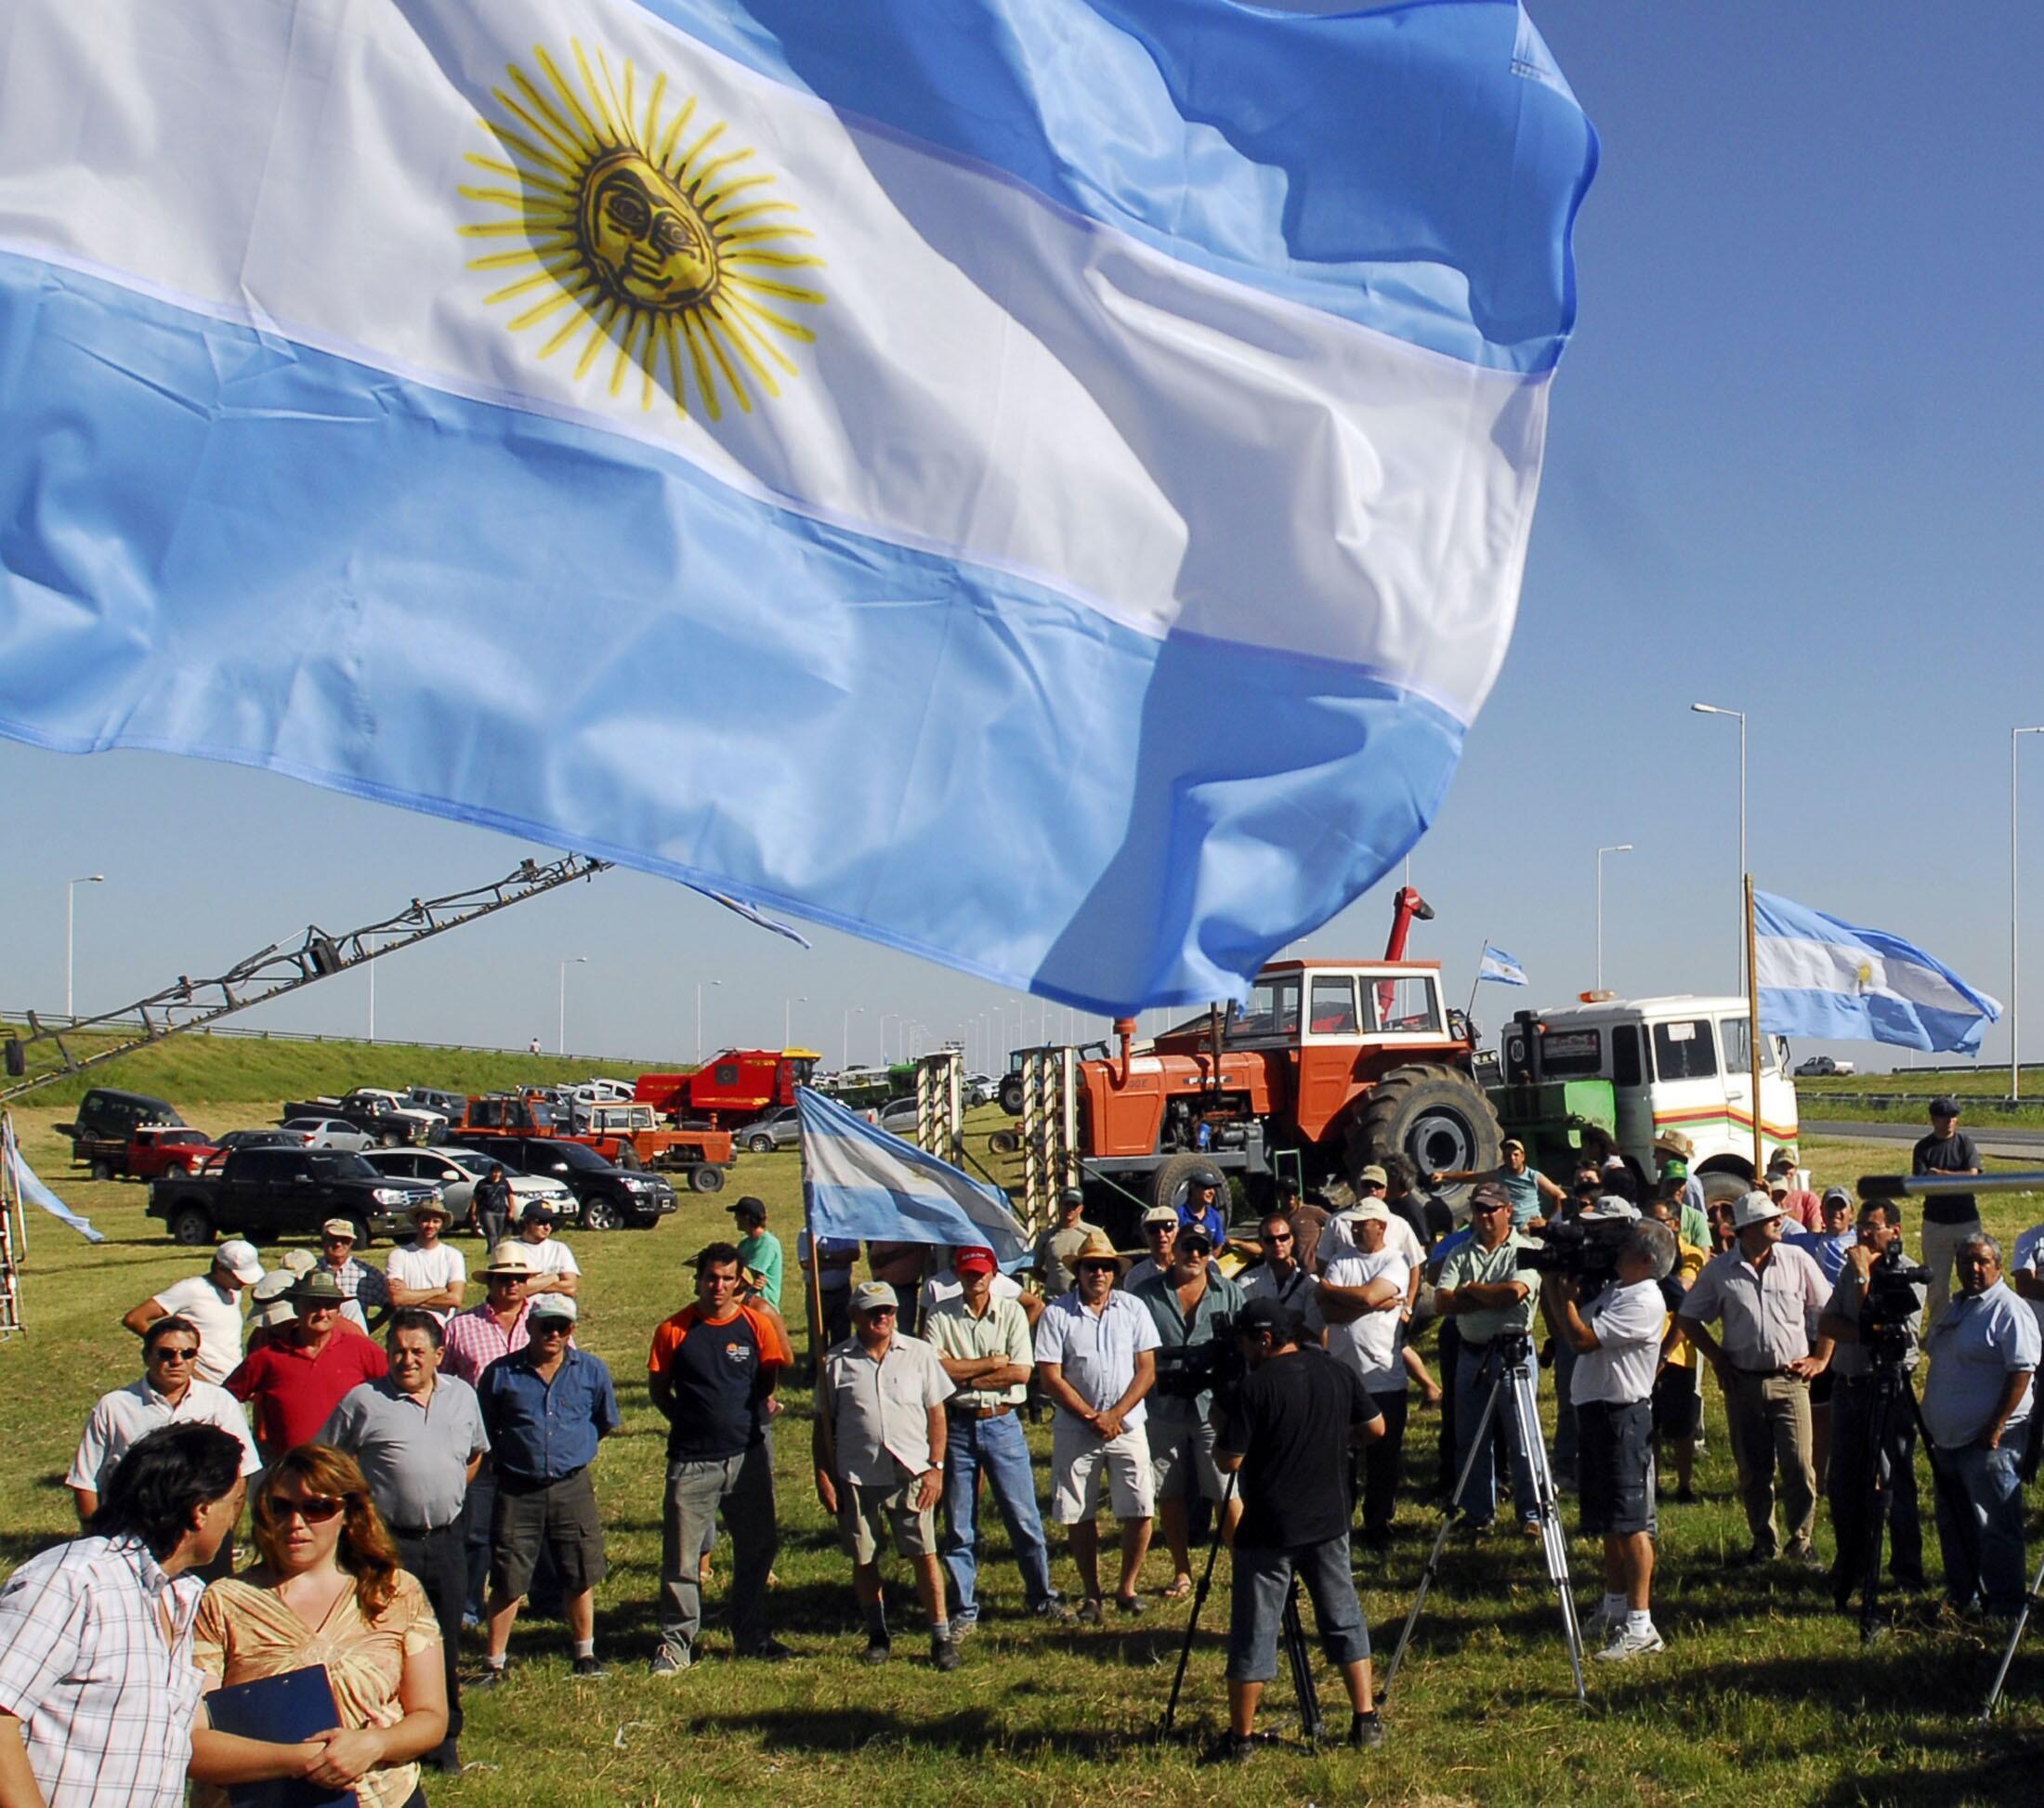 Des agriculteurs argentins près de l'autoroute entre Cordoba et Rosario, le 17 janvier 2011. Rosario est le principal port exportateur de l'Argentine.